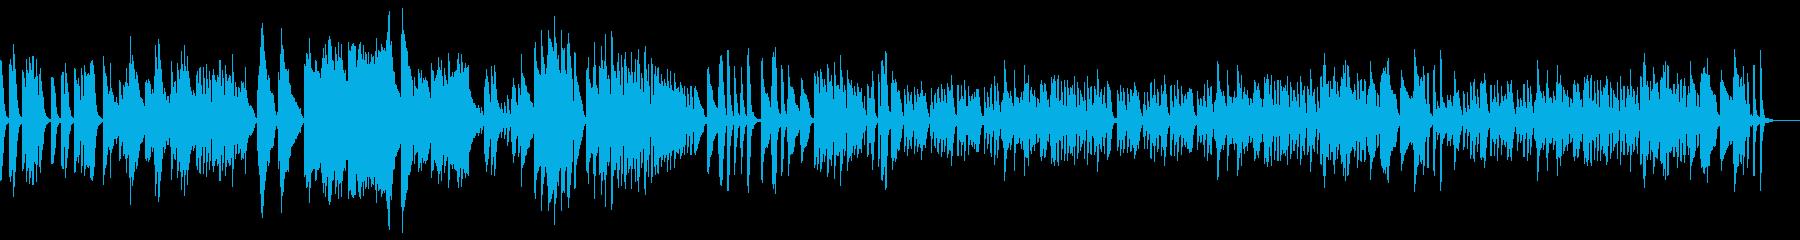 アイネクライネ軽快で繊細なソロピアノEDの再生済みの波形